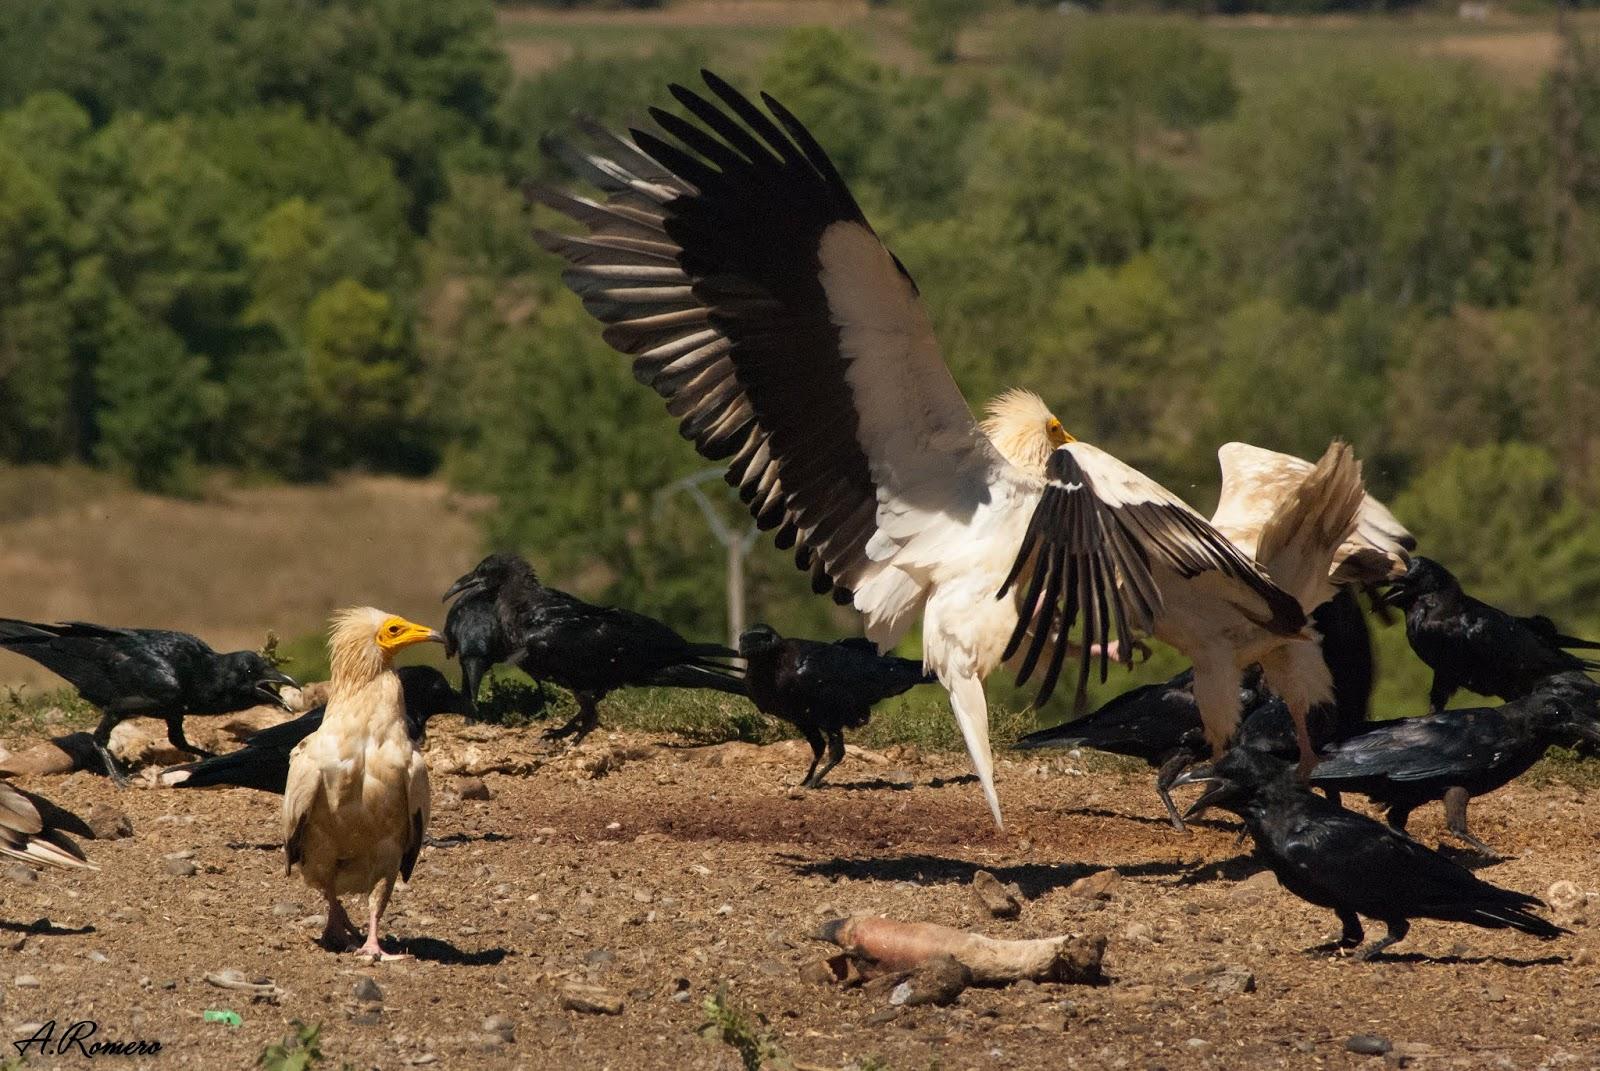 Además del buitre leonado, otras aves necrófagas como el alimoche (Neophron percnopterus) encuentran en el cadáver una importante fuente de alimento. Su menor tamaño les obliga a adoptar una posición secundaria y deberán esperar a que los buitres se retiren para que llegue su turno. Aínsa (Huesca).